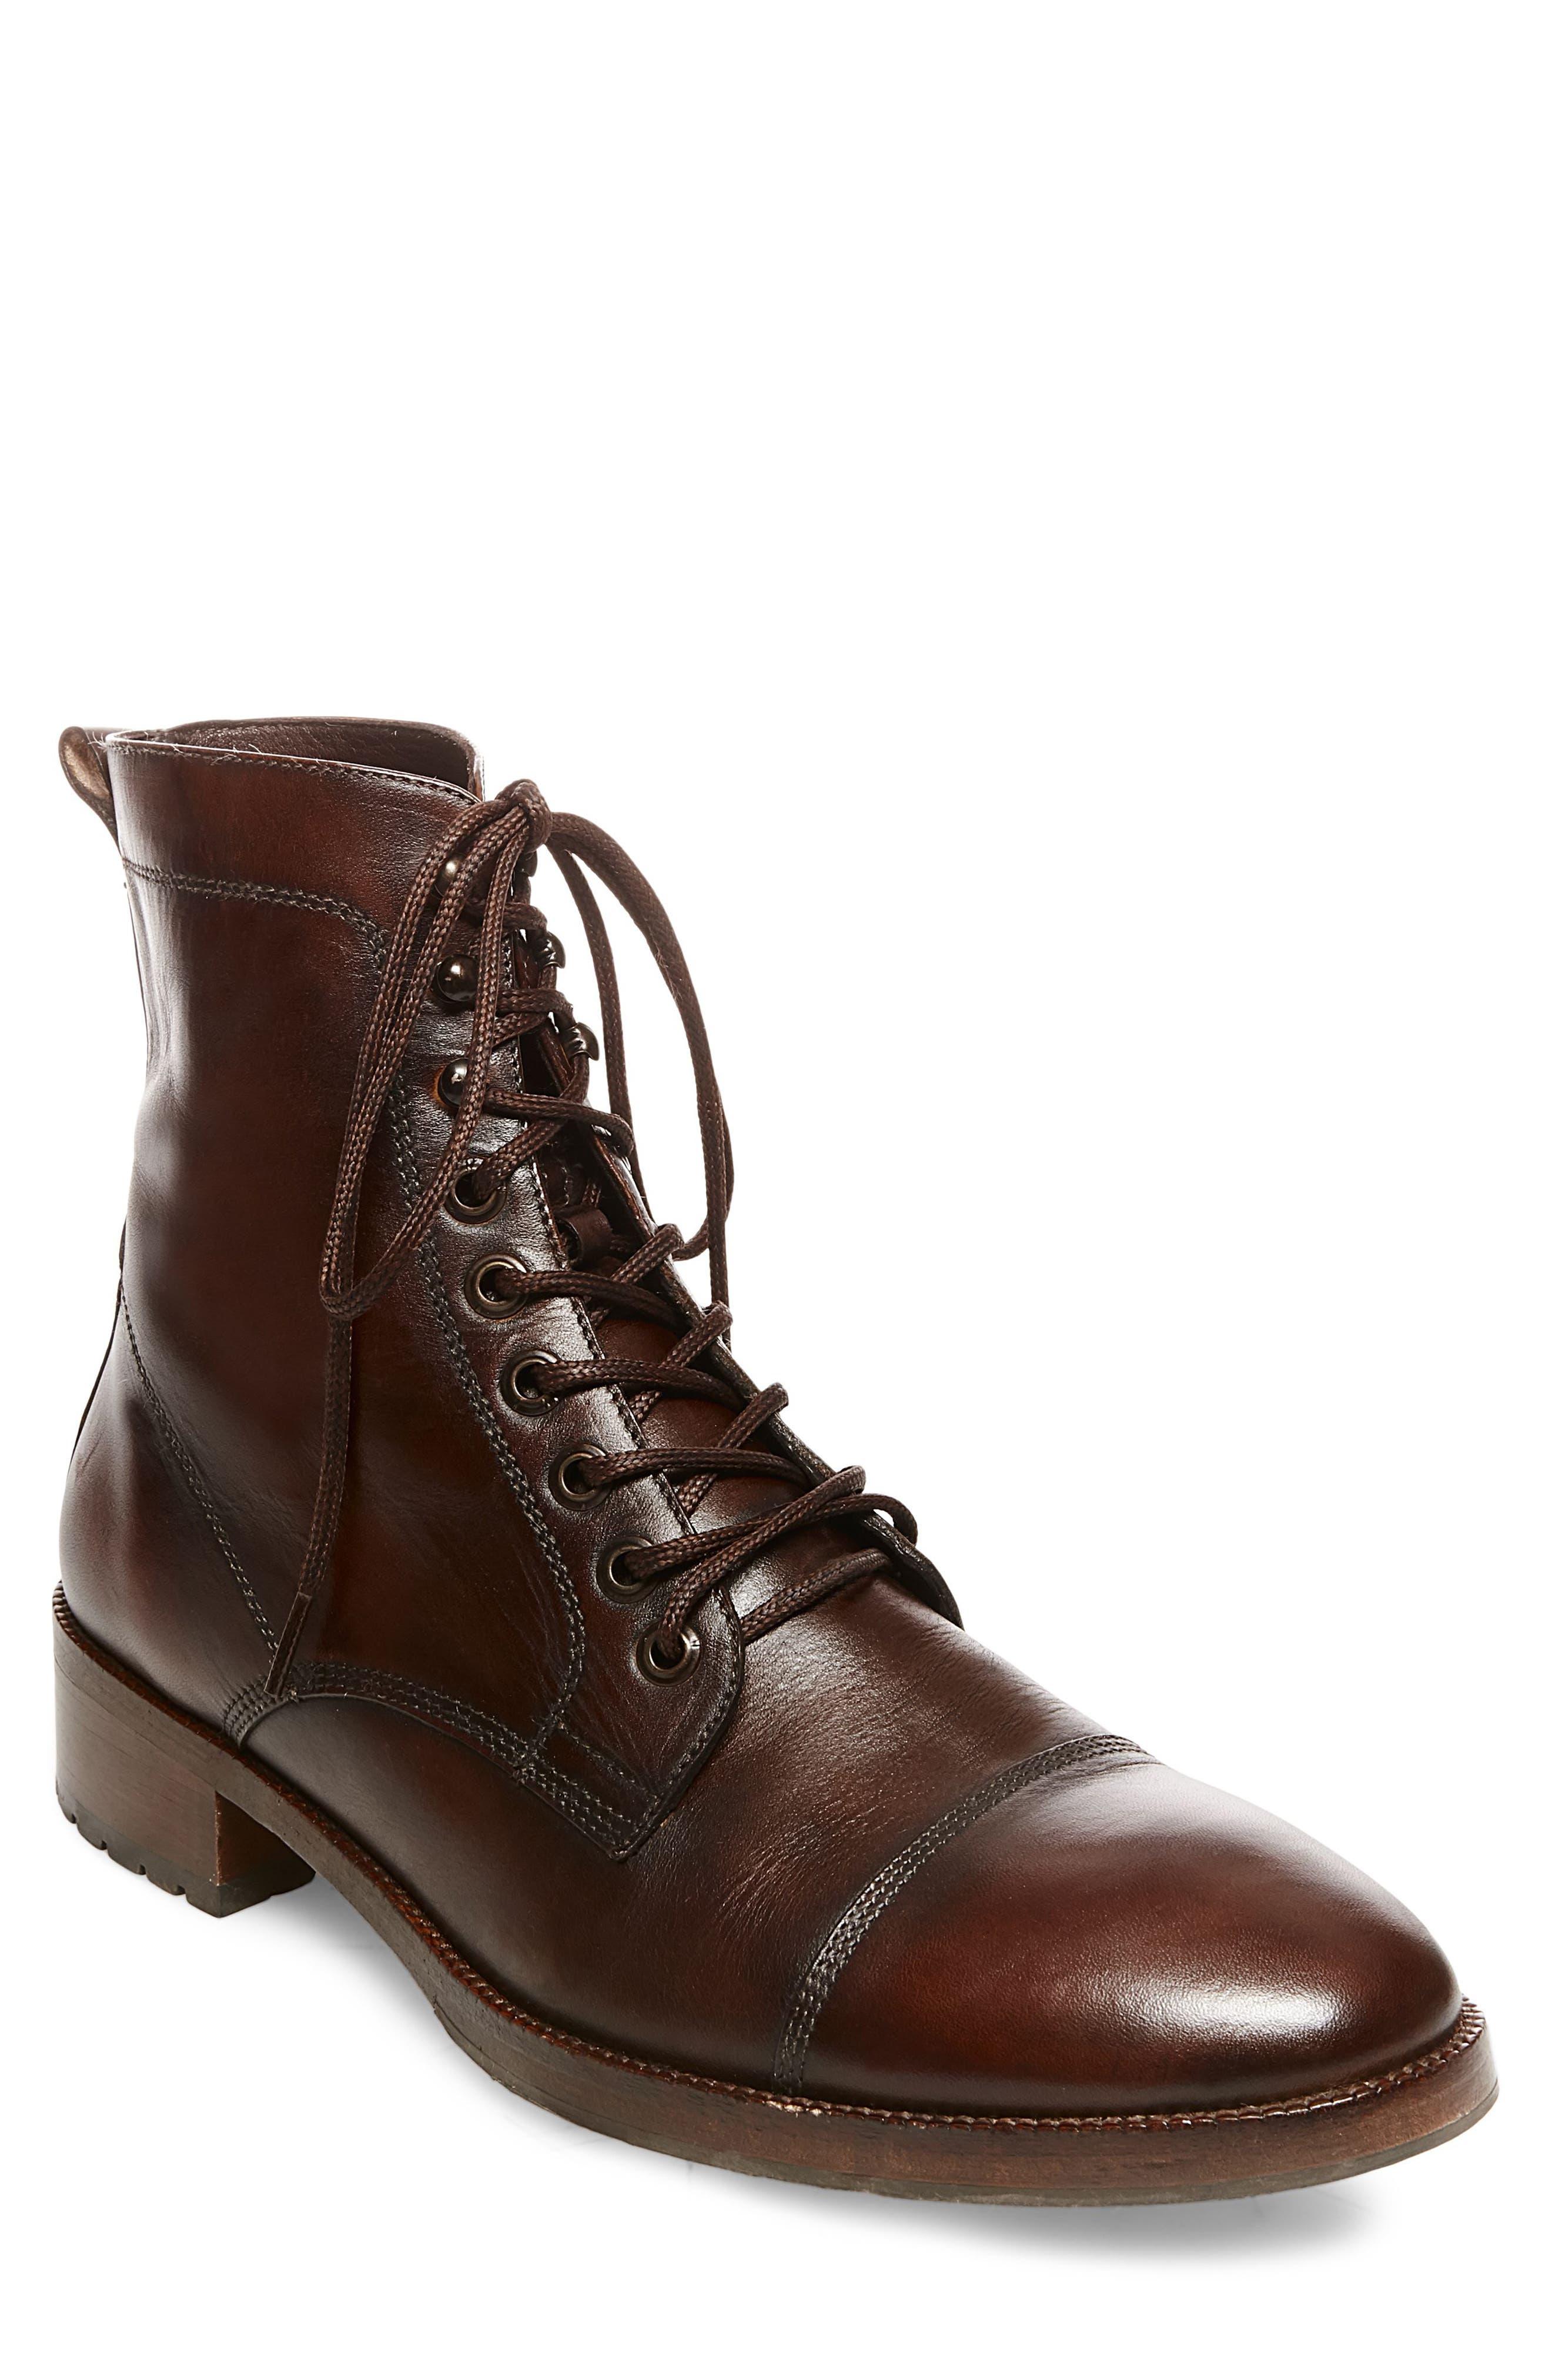 Alternate Image 1 Selected - Steve Madden x GQ Ted Cap Toe Boot (Men)